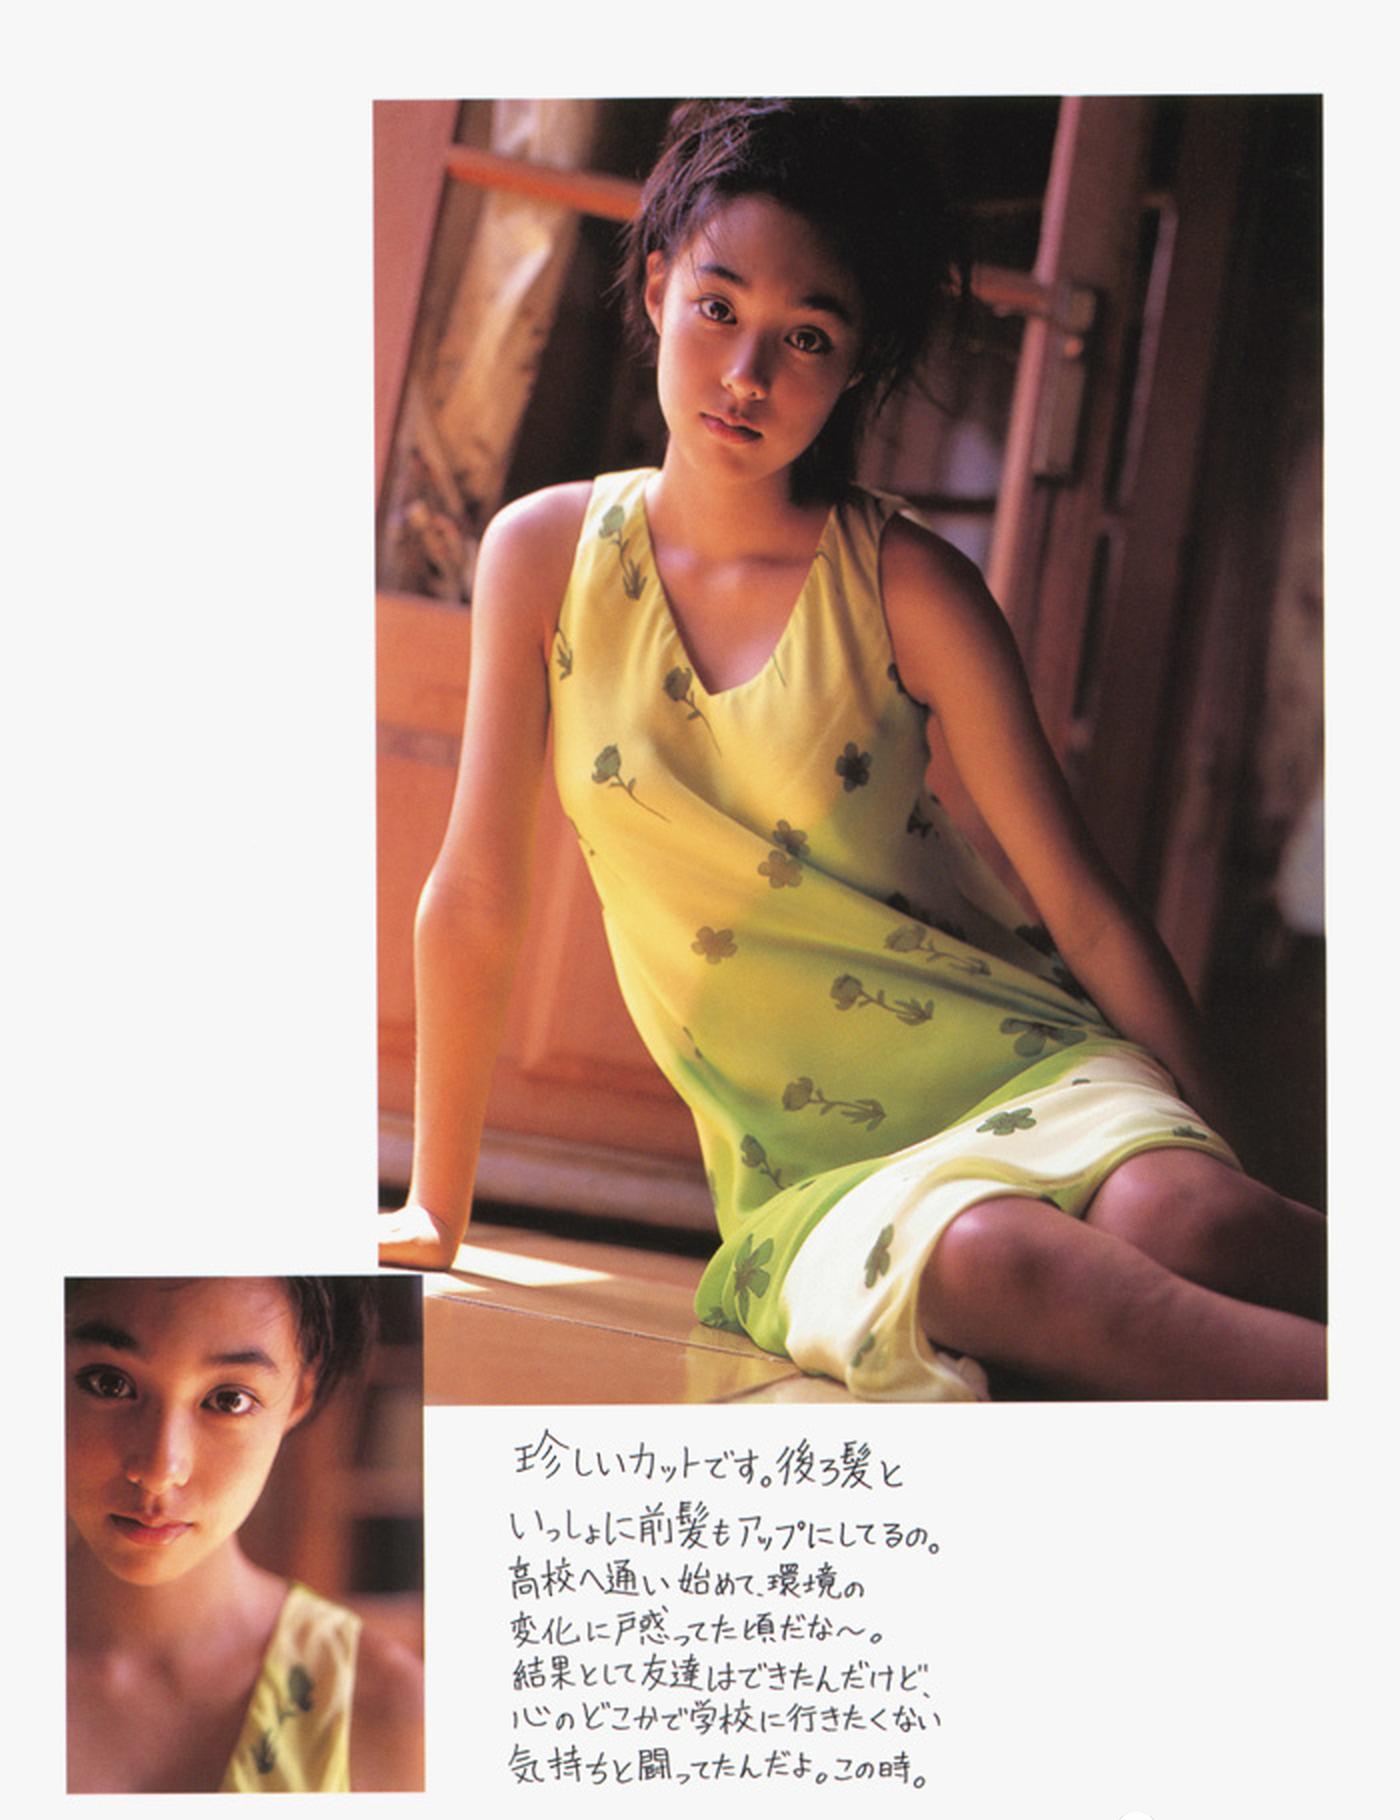 被锁在保险柜里的日本艺人吹石一惠的写真作品 (16)